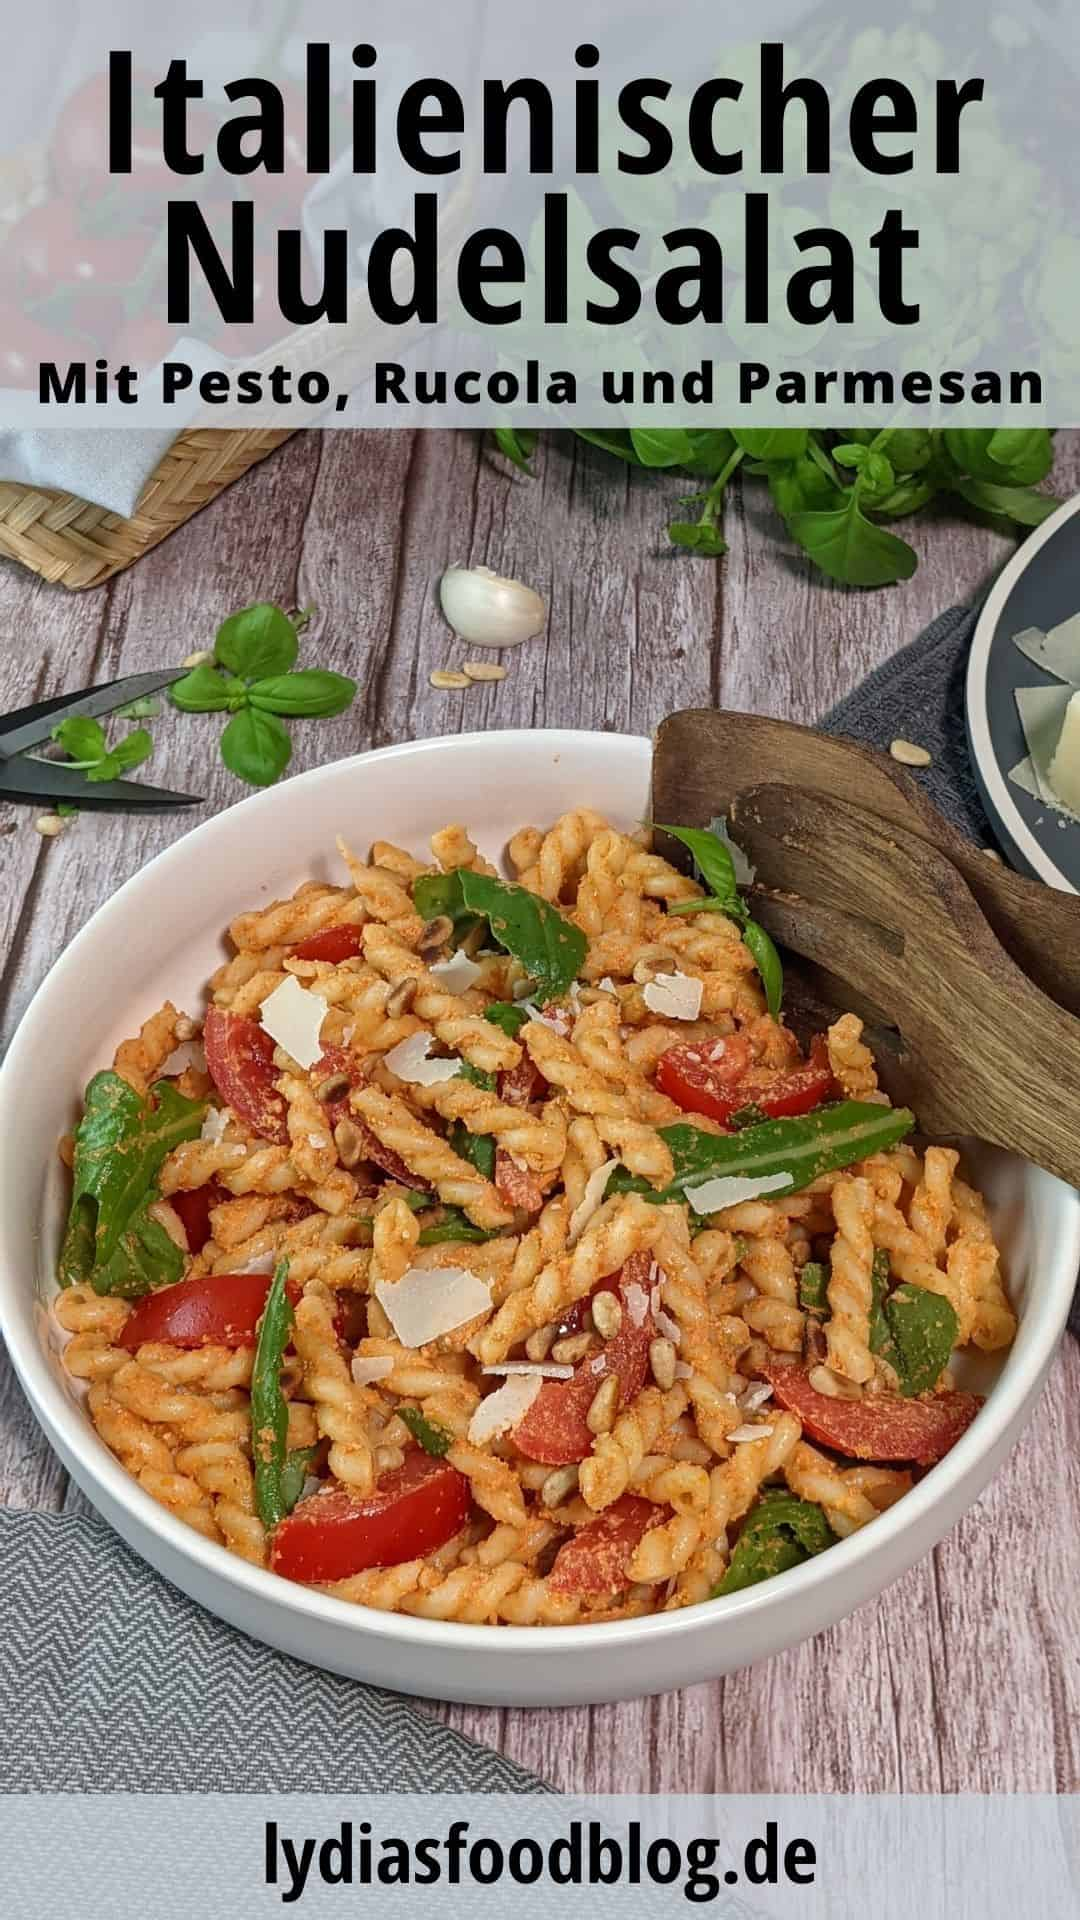 In einer weißen Schale ein italienischer Nudelsalat mit Tomate, Rucola und rotem Pesto.